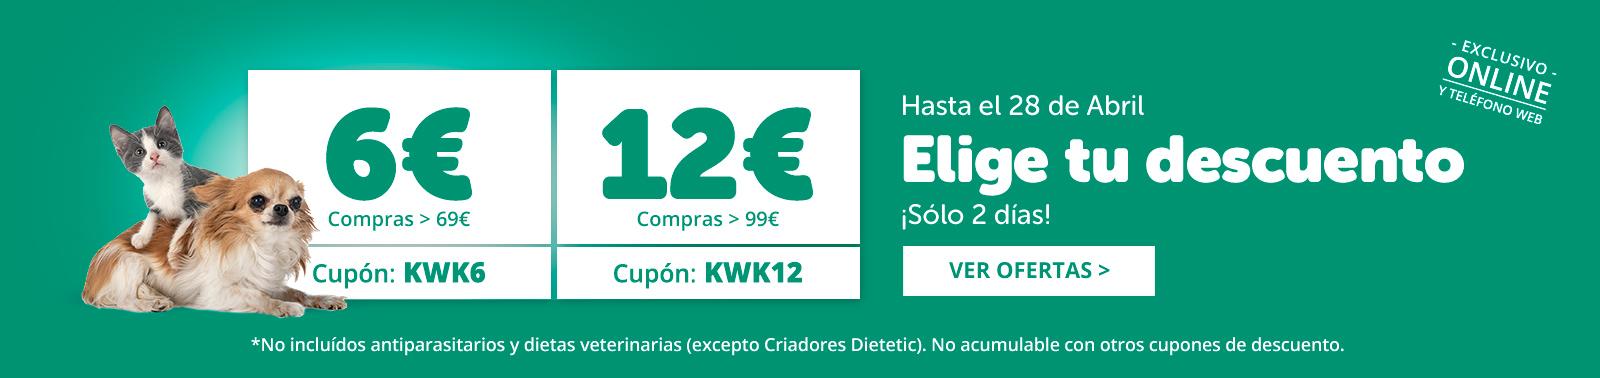 Cupones ahorro: 6€ o 12 € dto.